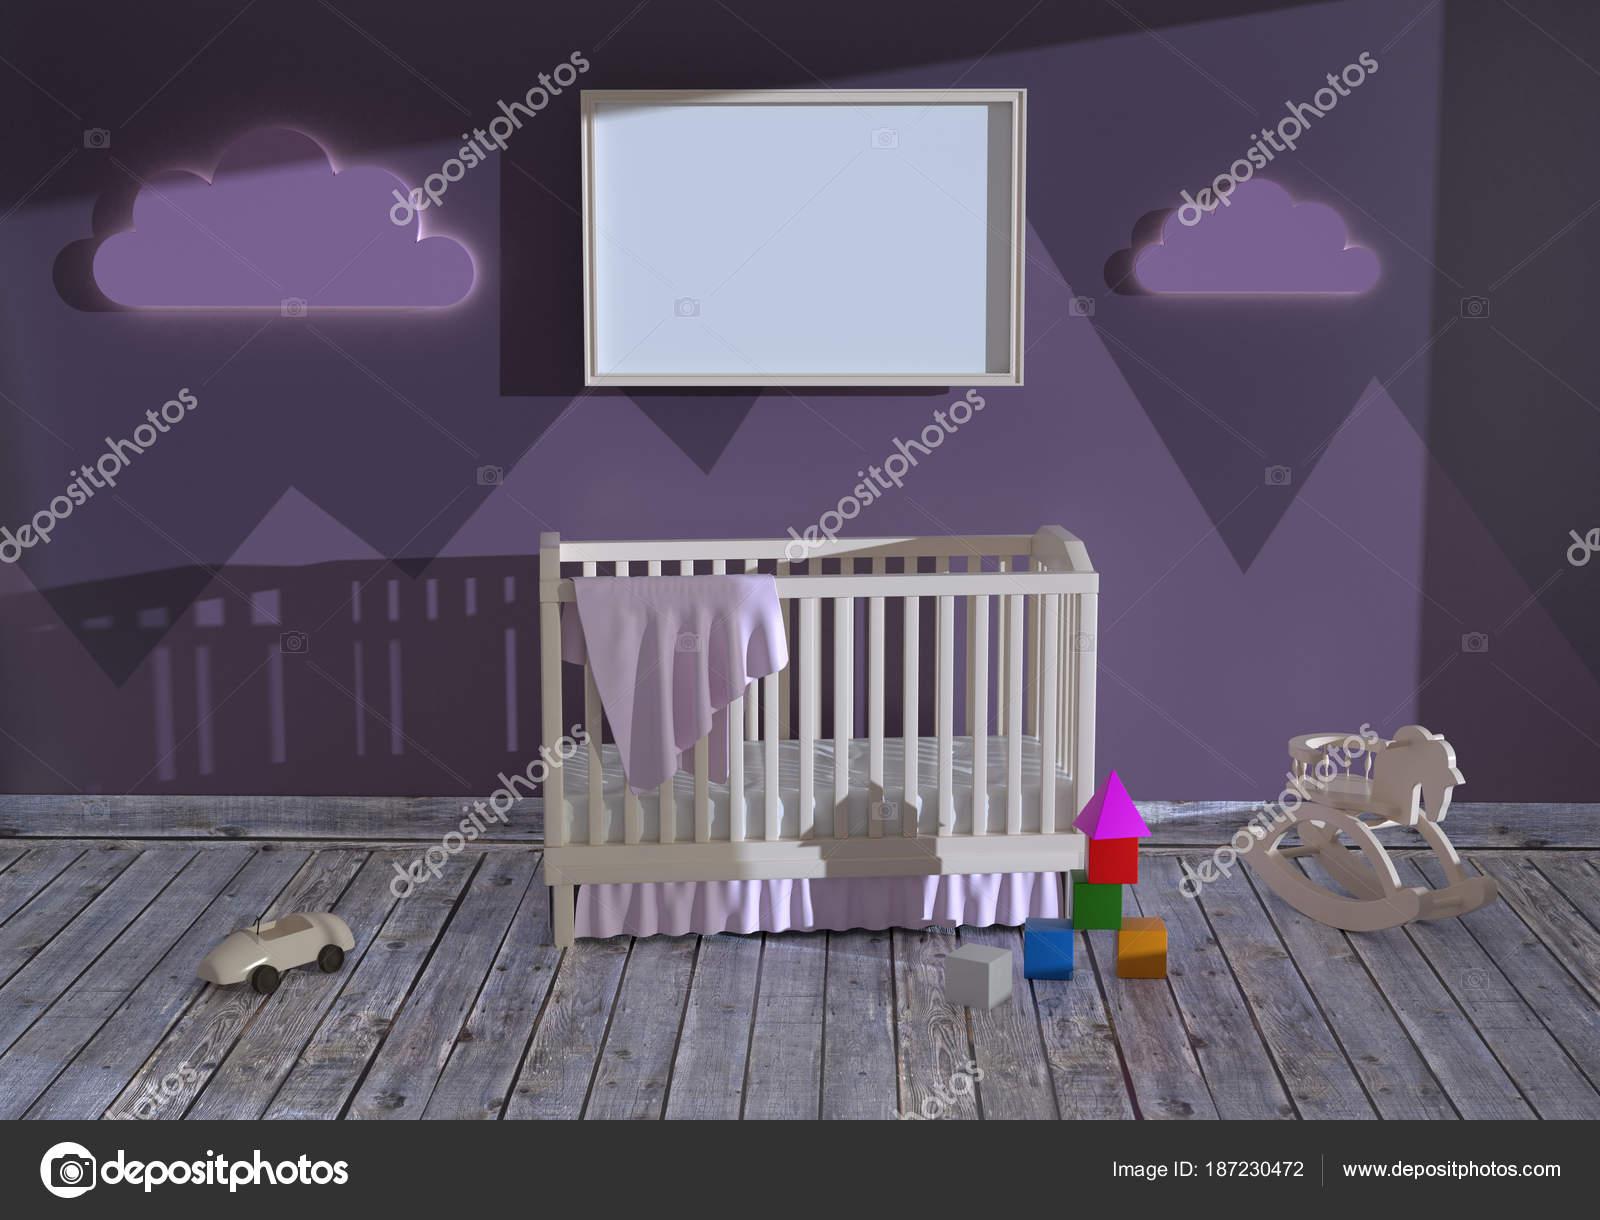 Nachtkastje Kinderkamer Afbeeldingen : D illustratie van een kinderkamer met een kinderbed en speelgoed